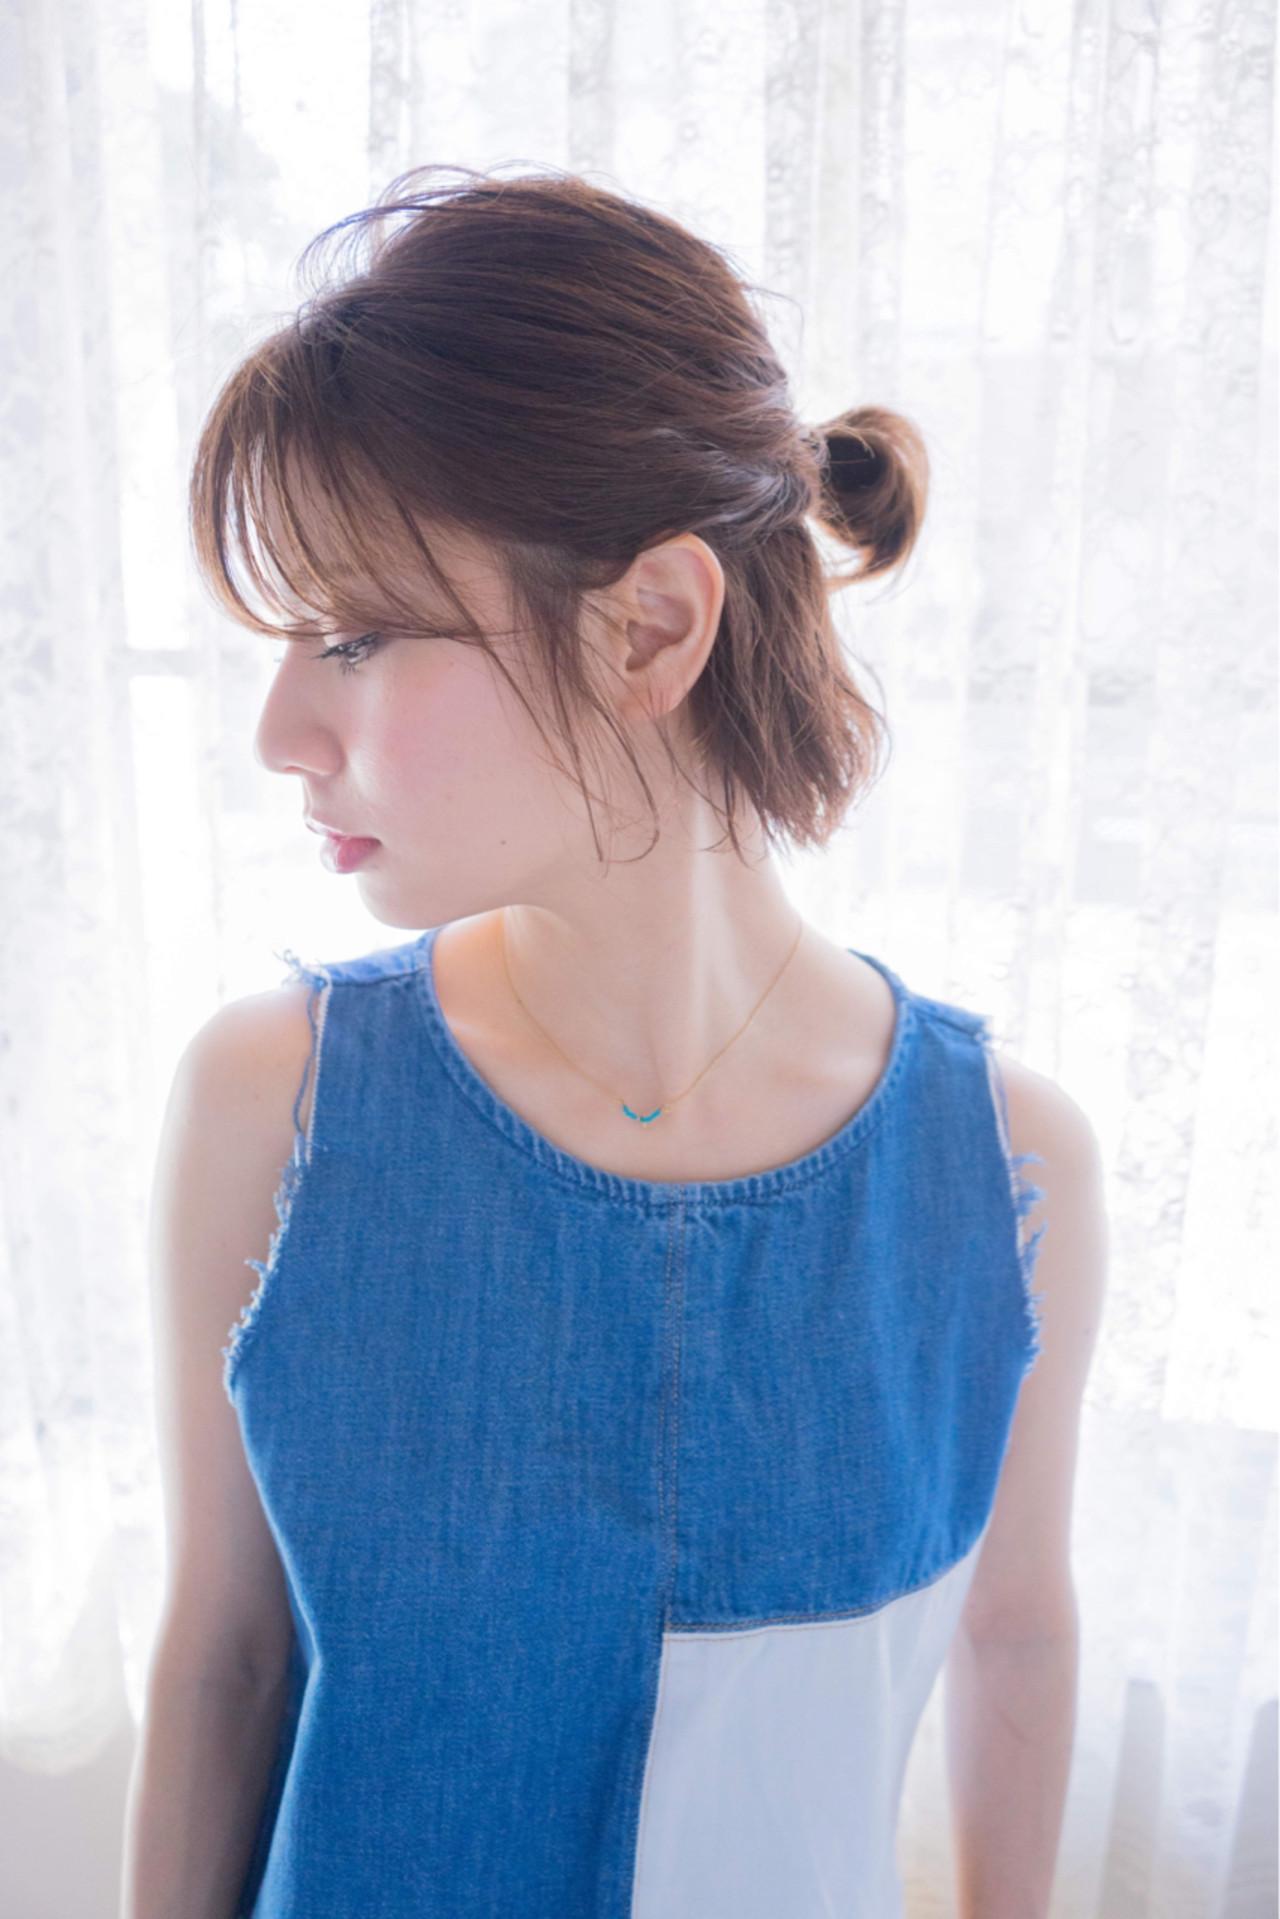 短い髪でも大丈夫!実は簡単なショートアレンジで朝から可愛く大変身♡ 塚由晃司